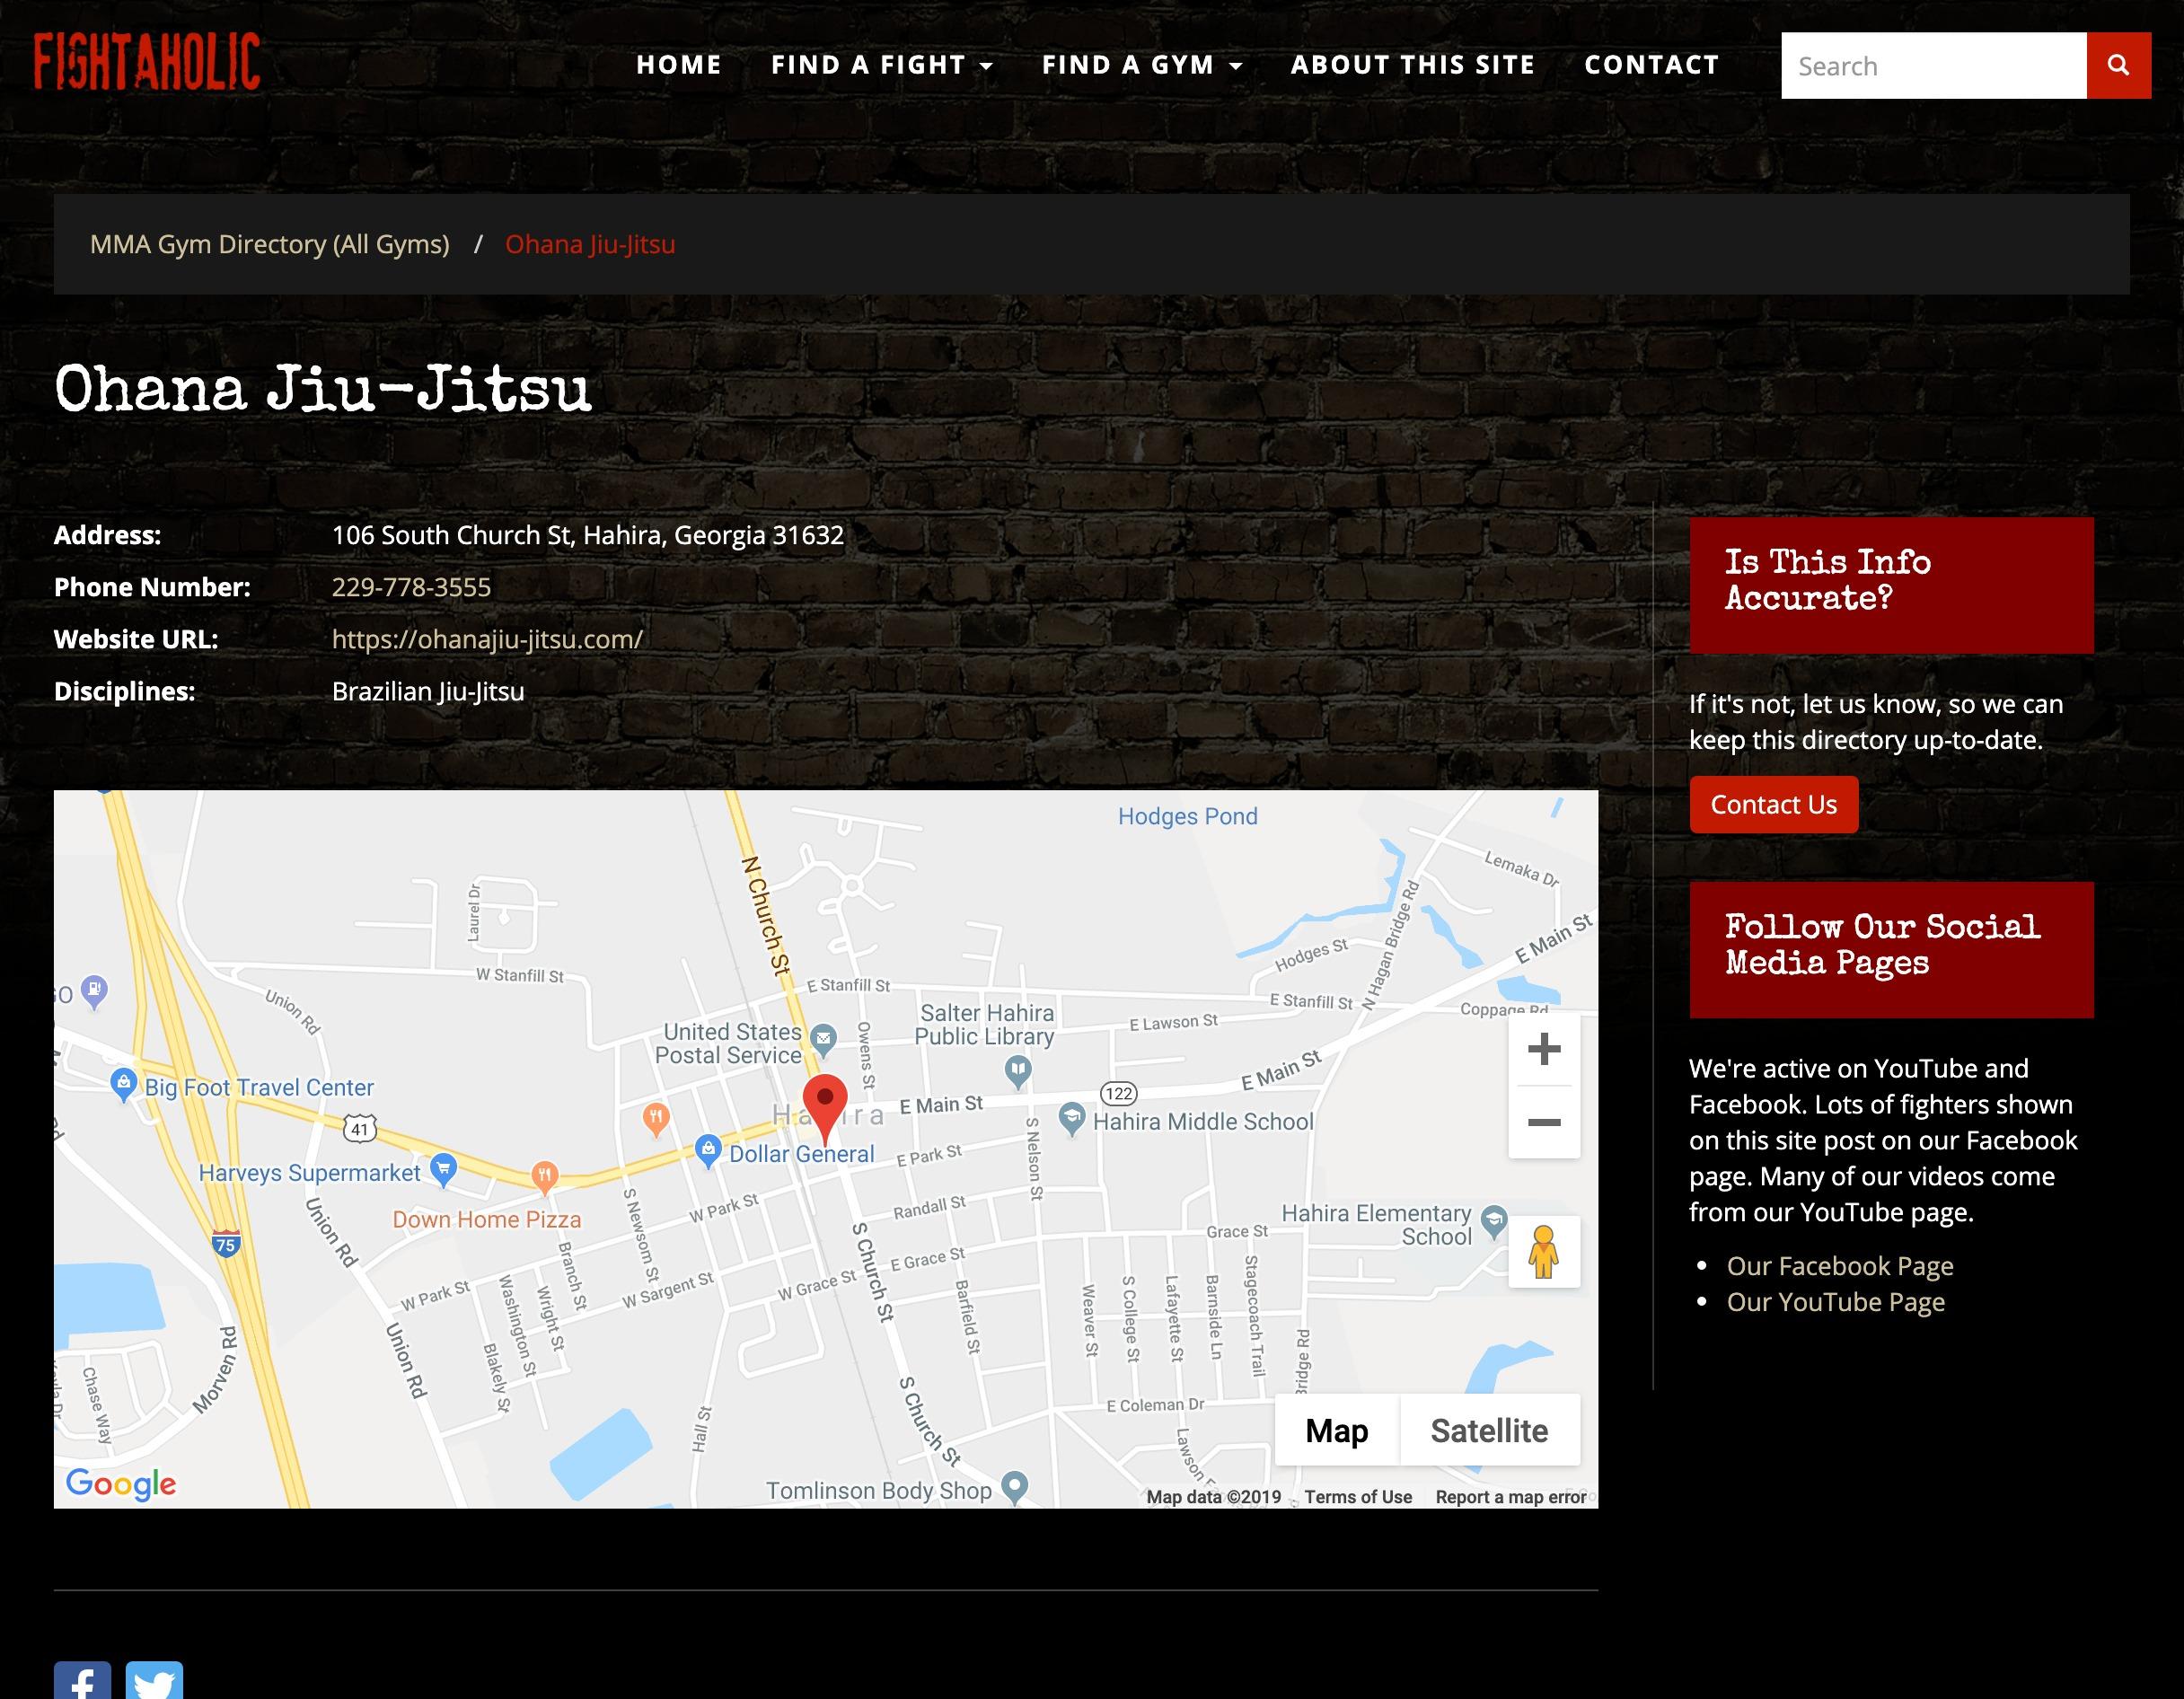 fightaholic-mma-georgia-desktop-web-design-3